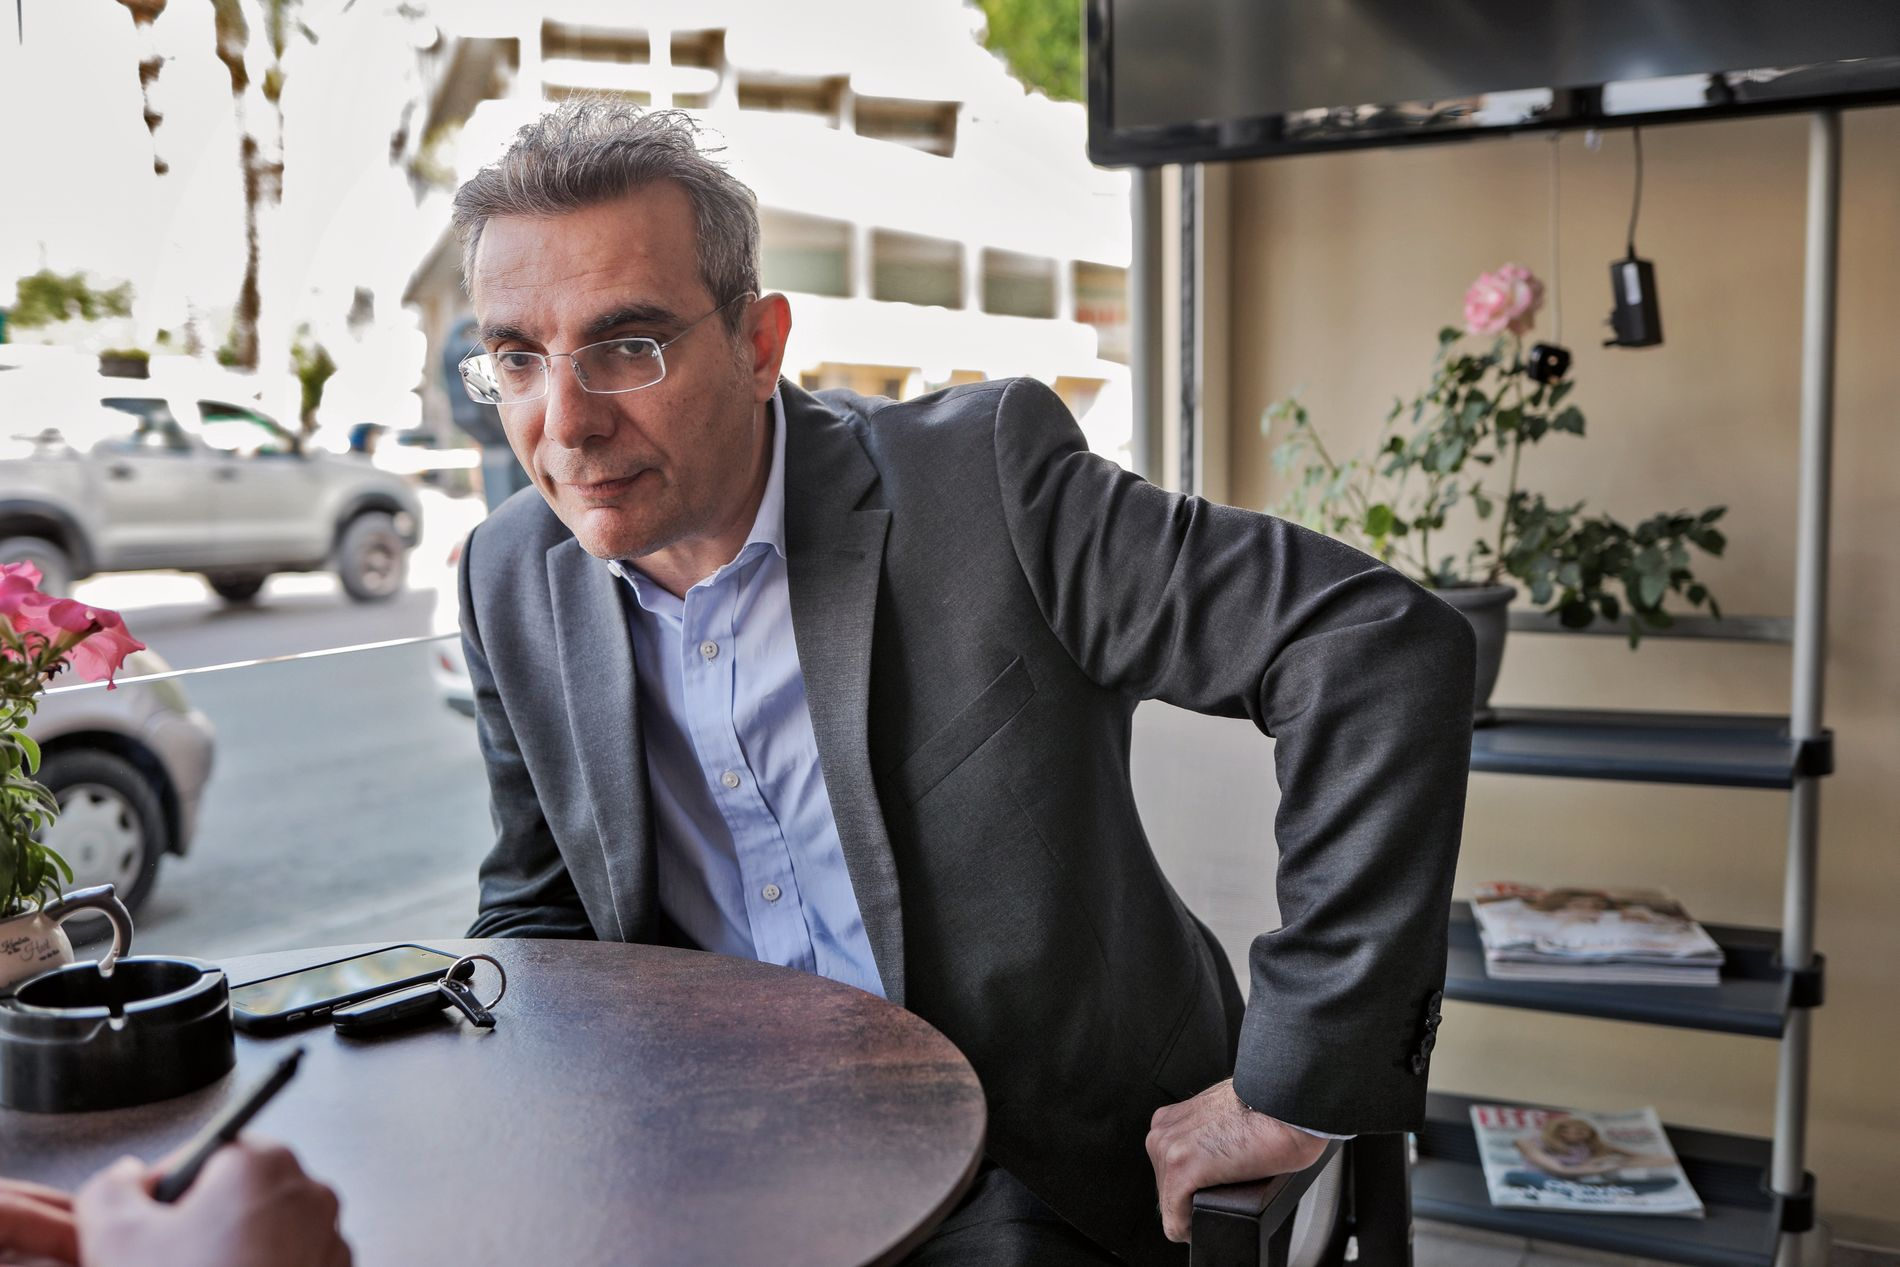 AVVISER ANKLAGENE: Laris Vrahimis er advokat for moren til den bortførte treåringen. Han reagerer på Mette Yvonne Larsens påstander om at kypriotisk rettsvesen er upålitelig. Foto: JØRGEN BRAASTAD, VG